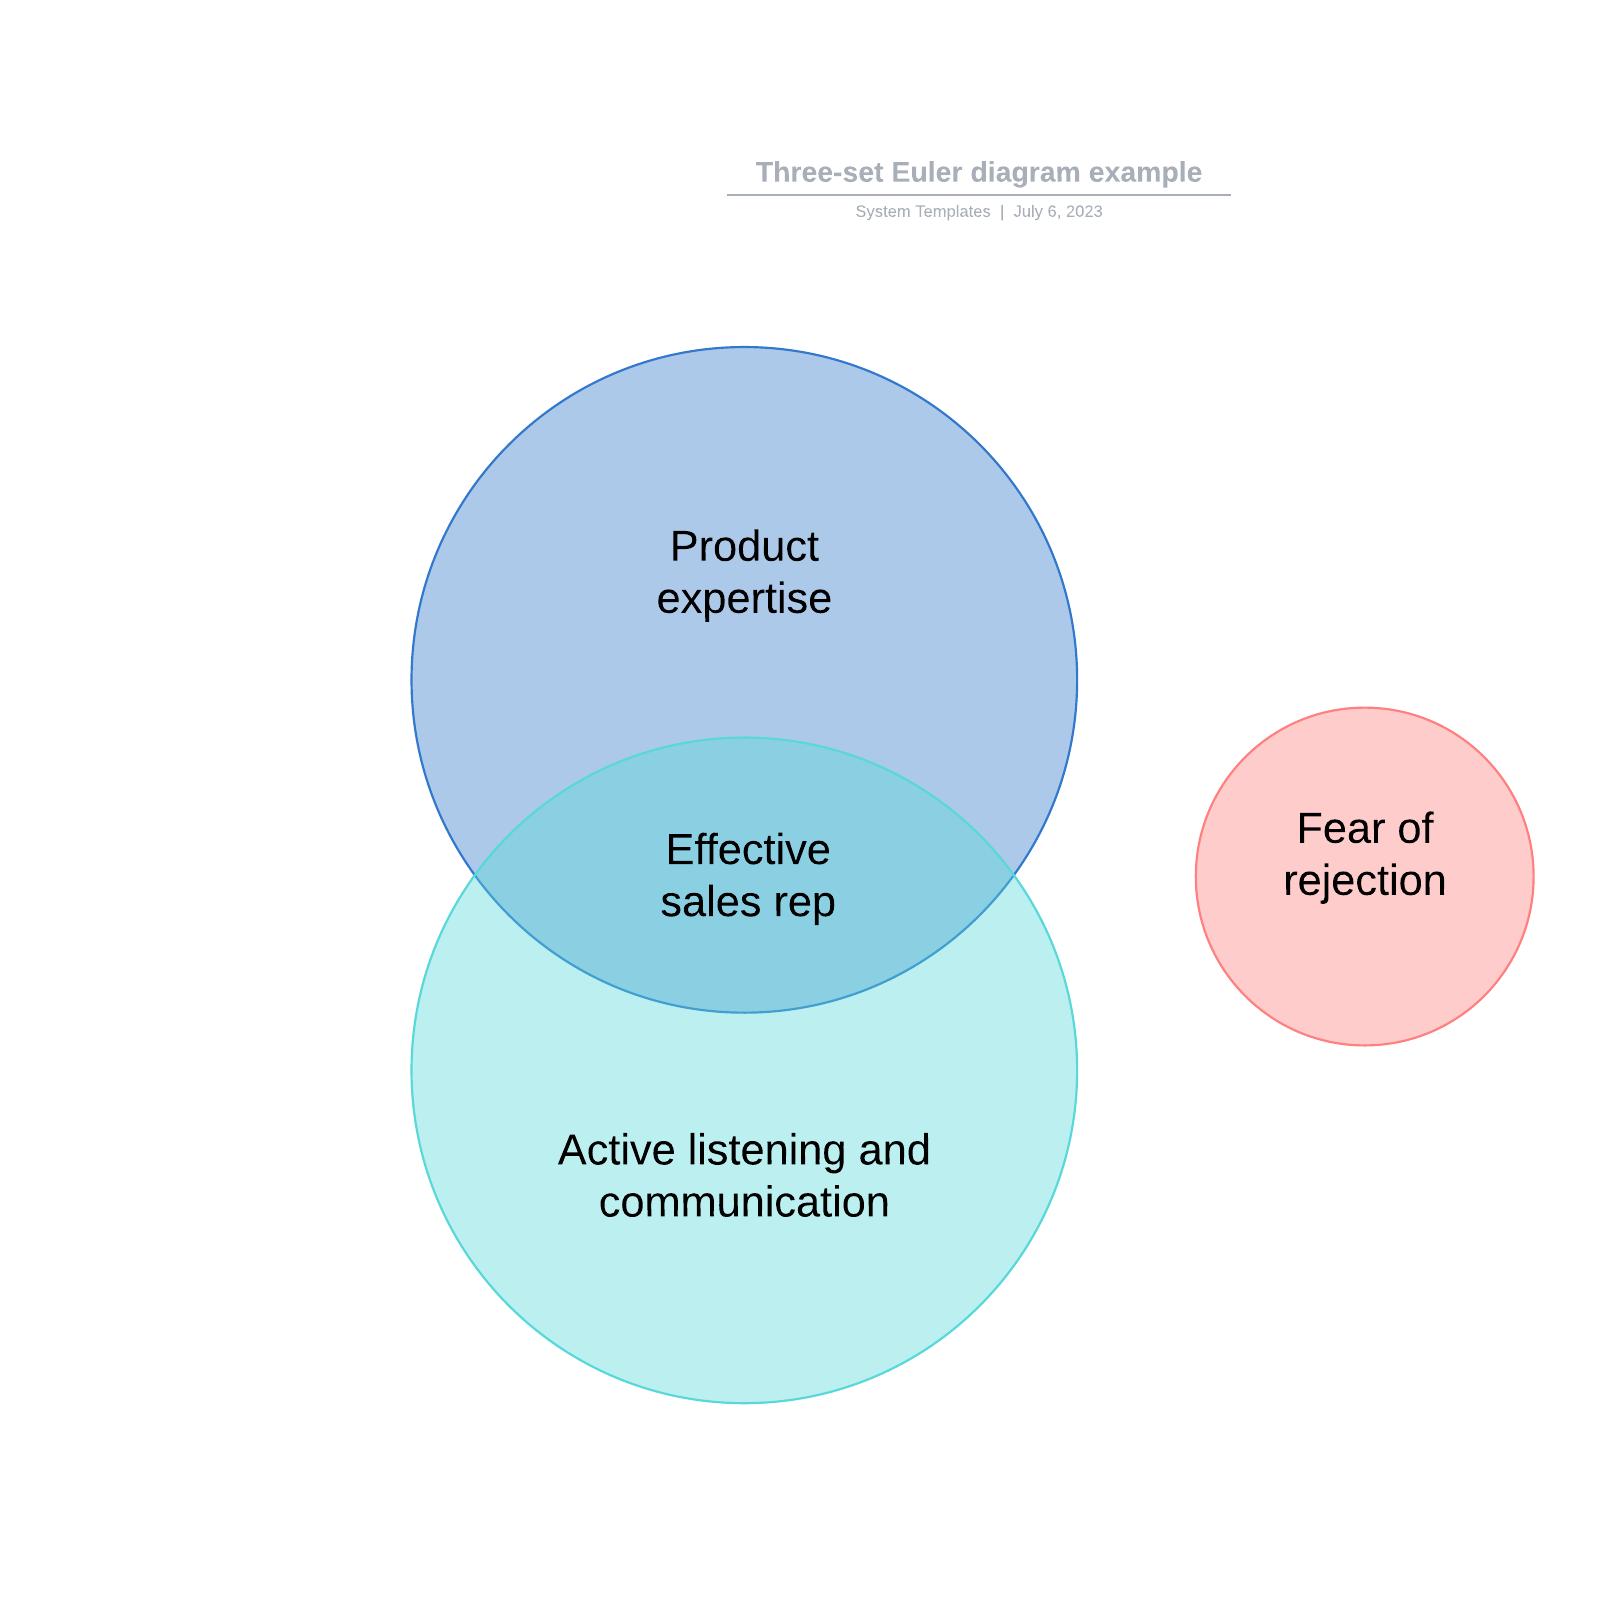 Three-set Euler diagram example